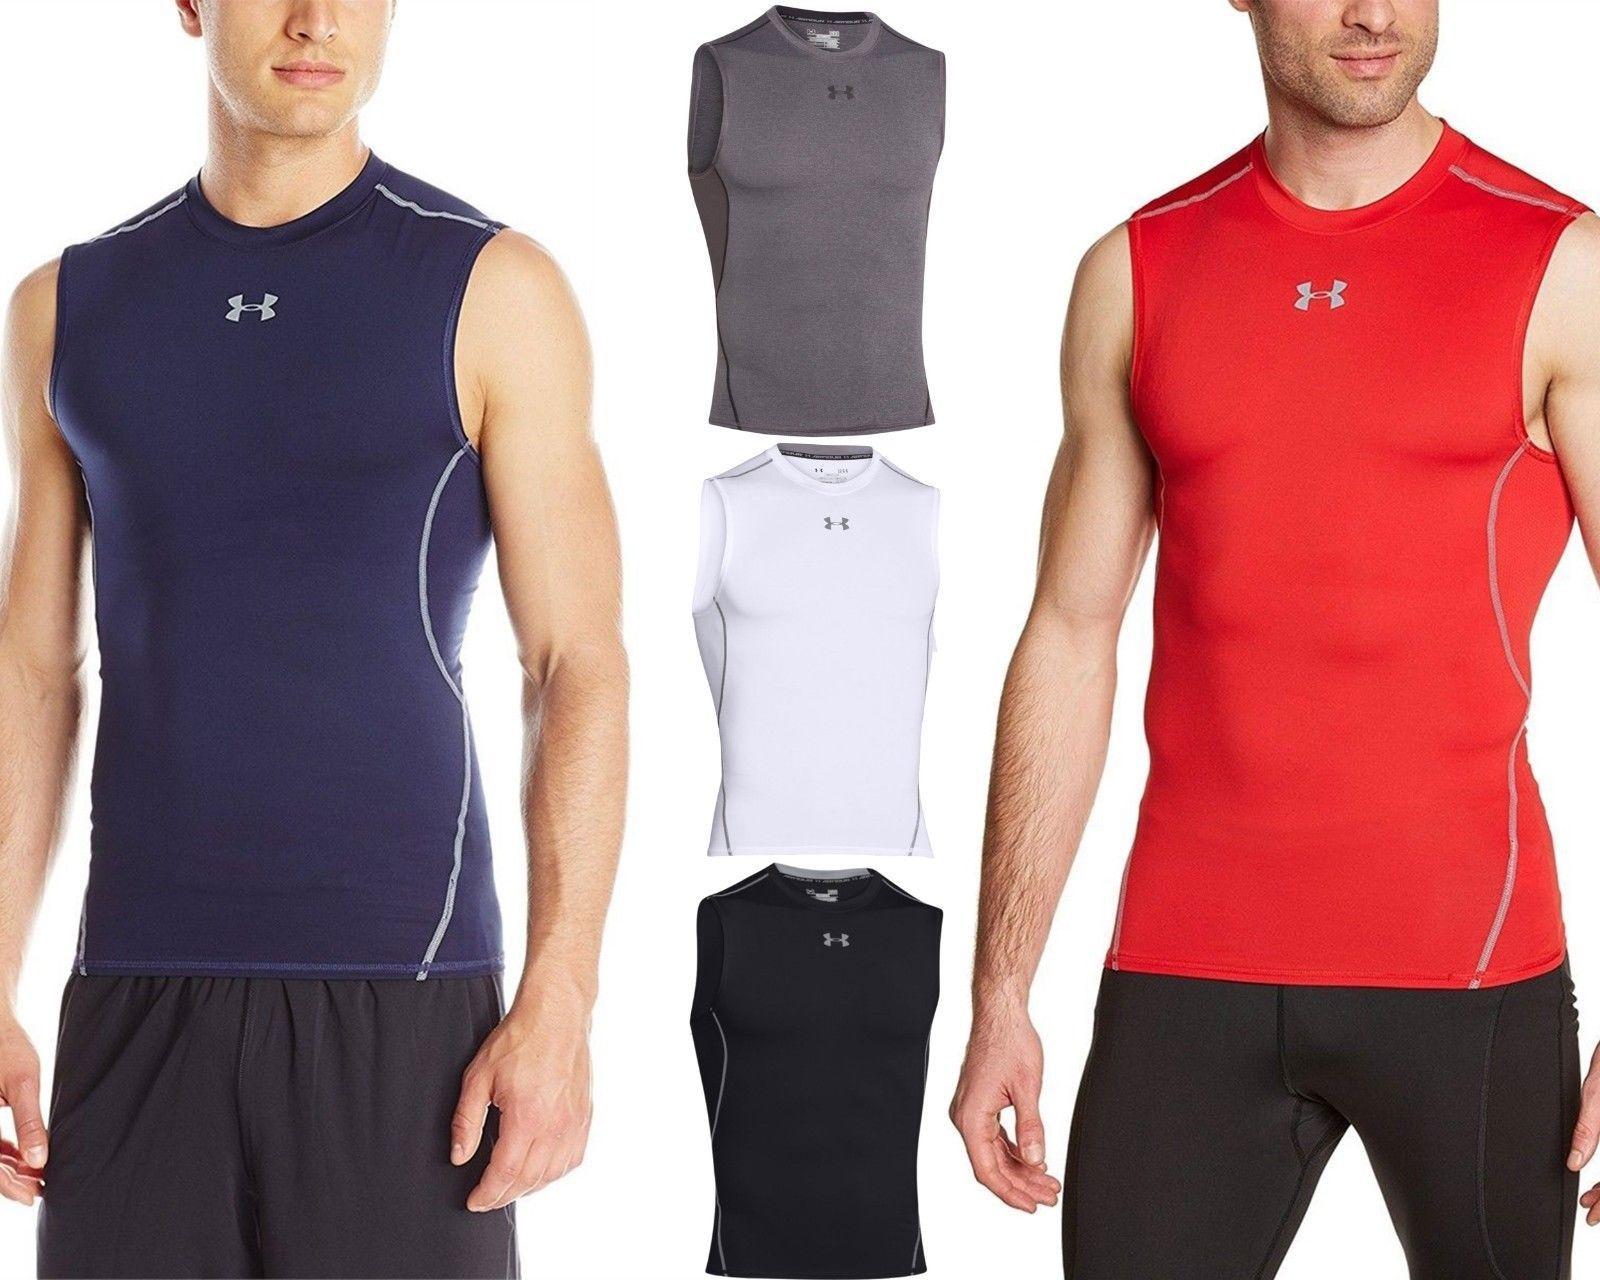 9ed180a0d3dee3 Under Armour Men NEW HeatGear Sleeveless UPF 30+ Compression Tee Tank Top  Shirt  Armour